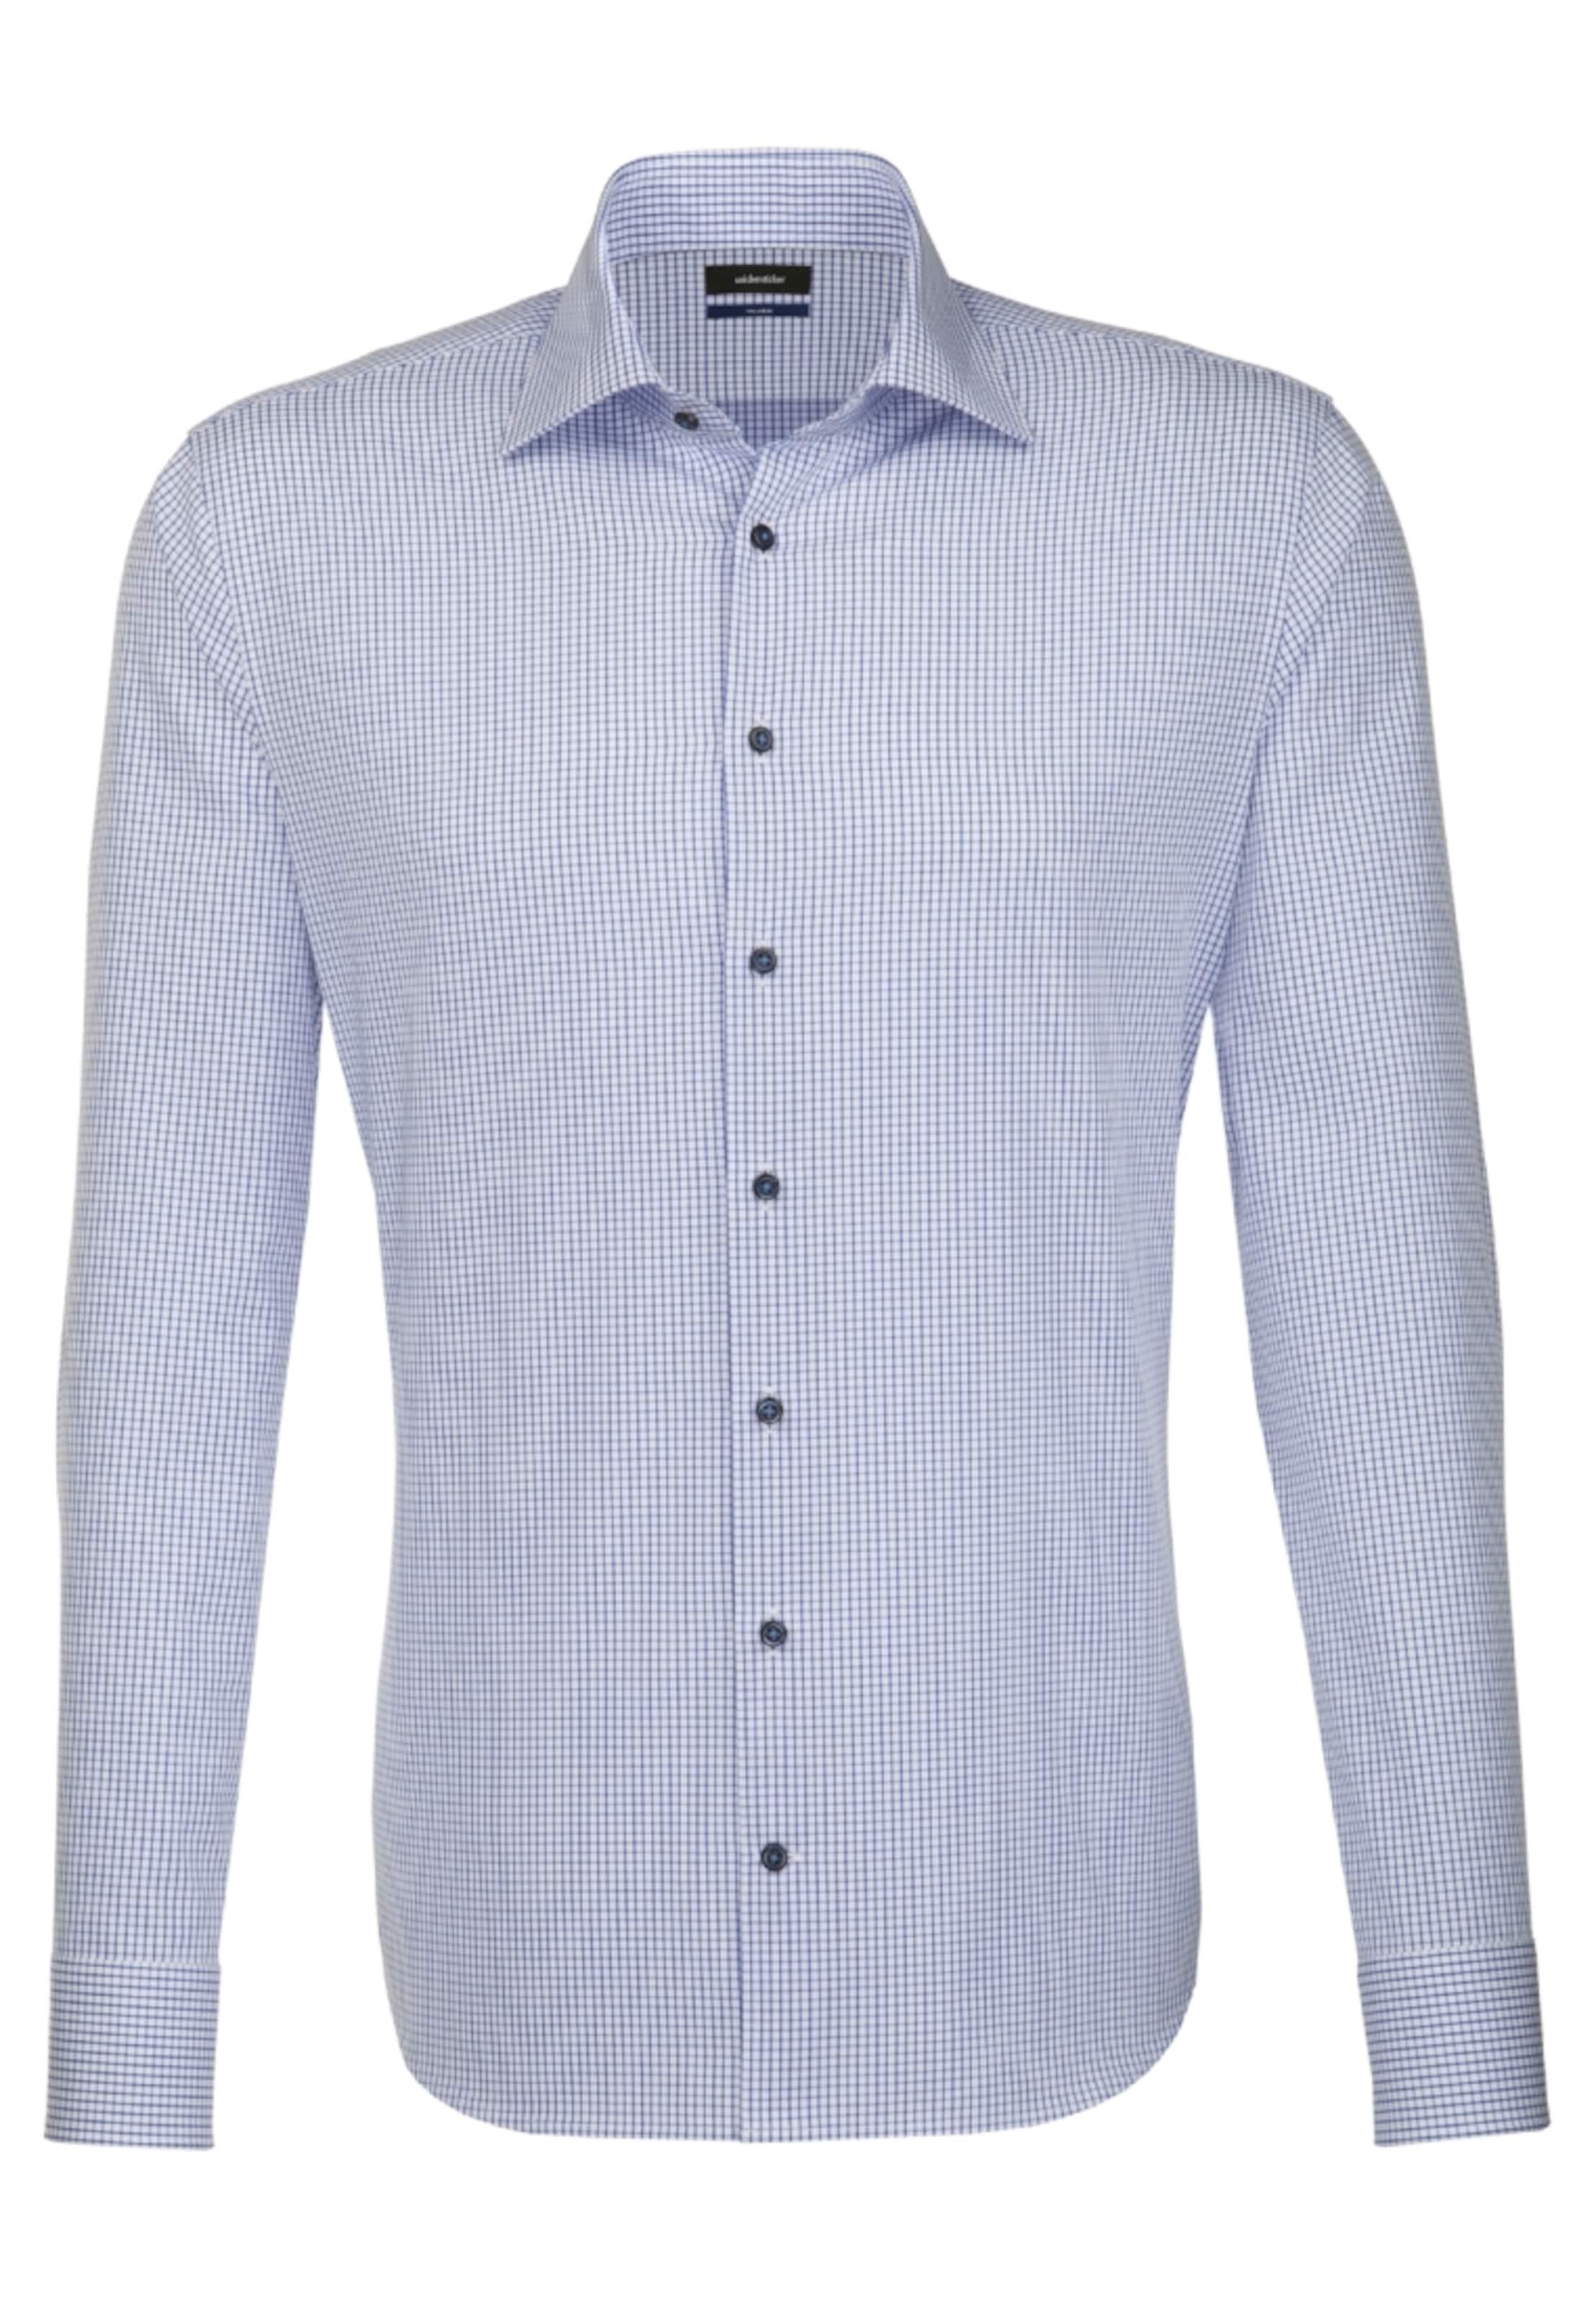 Spielraum Niedrigsten Preis Verkauf Geschäft SEIDENSTICKER City-Hemd 'Tailored' Großhandelspreis Online P2RXb8IpD